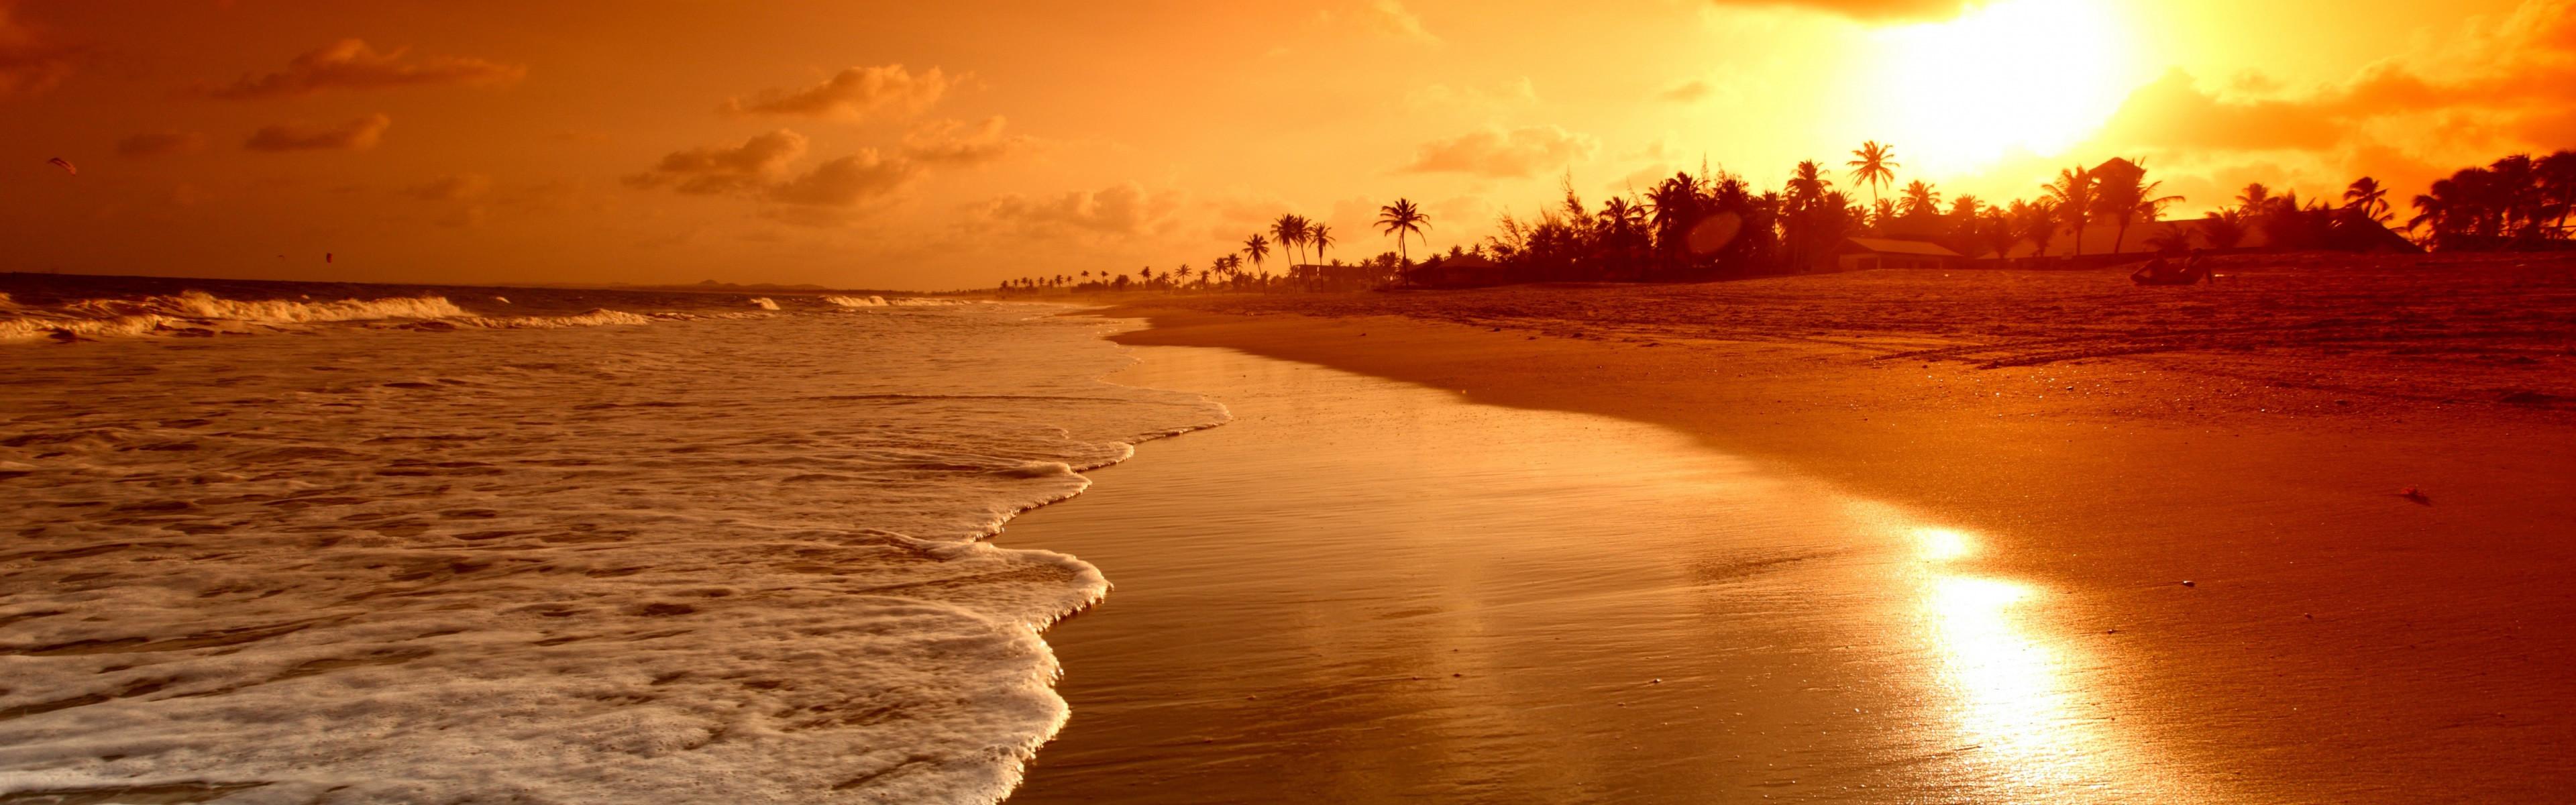 Beach Sunrise iPhone Panoramic Wallpaper Download   iPad Wallpapers .